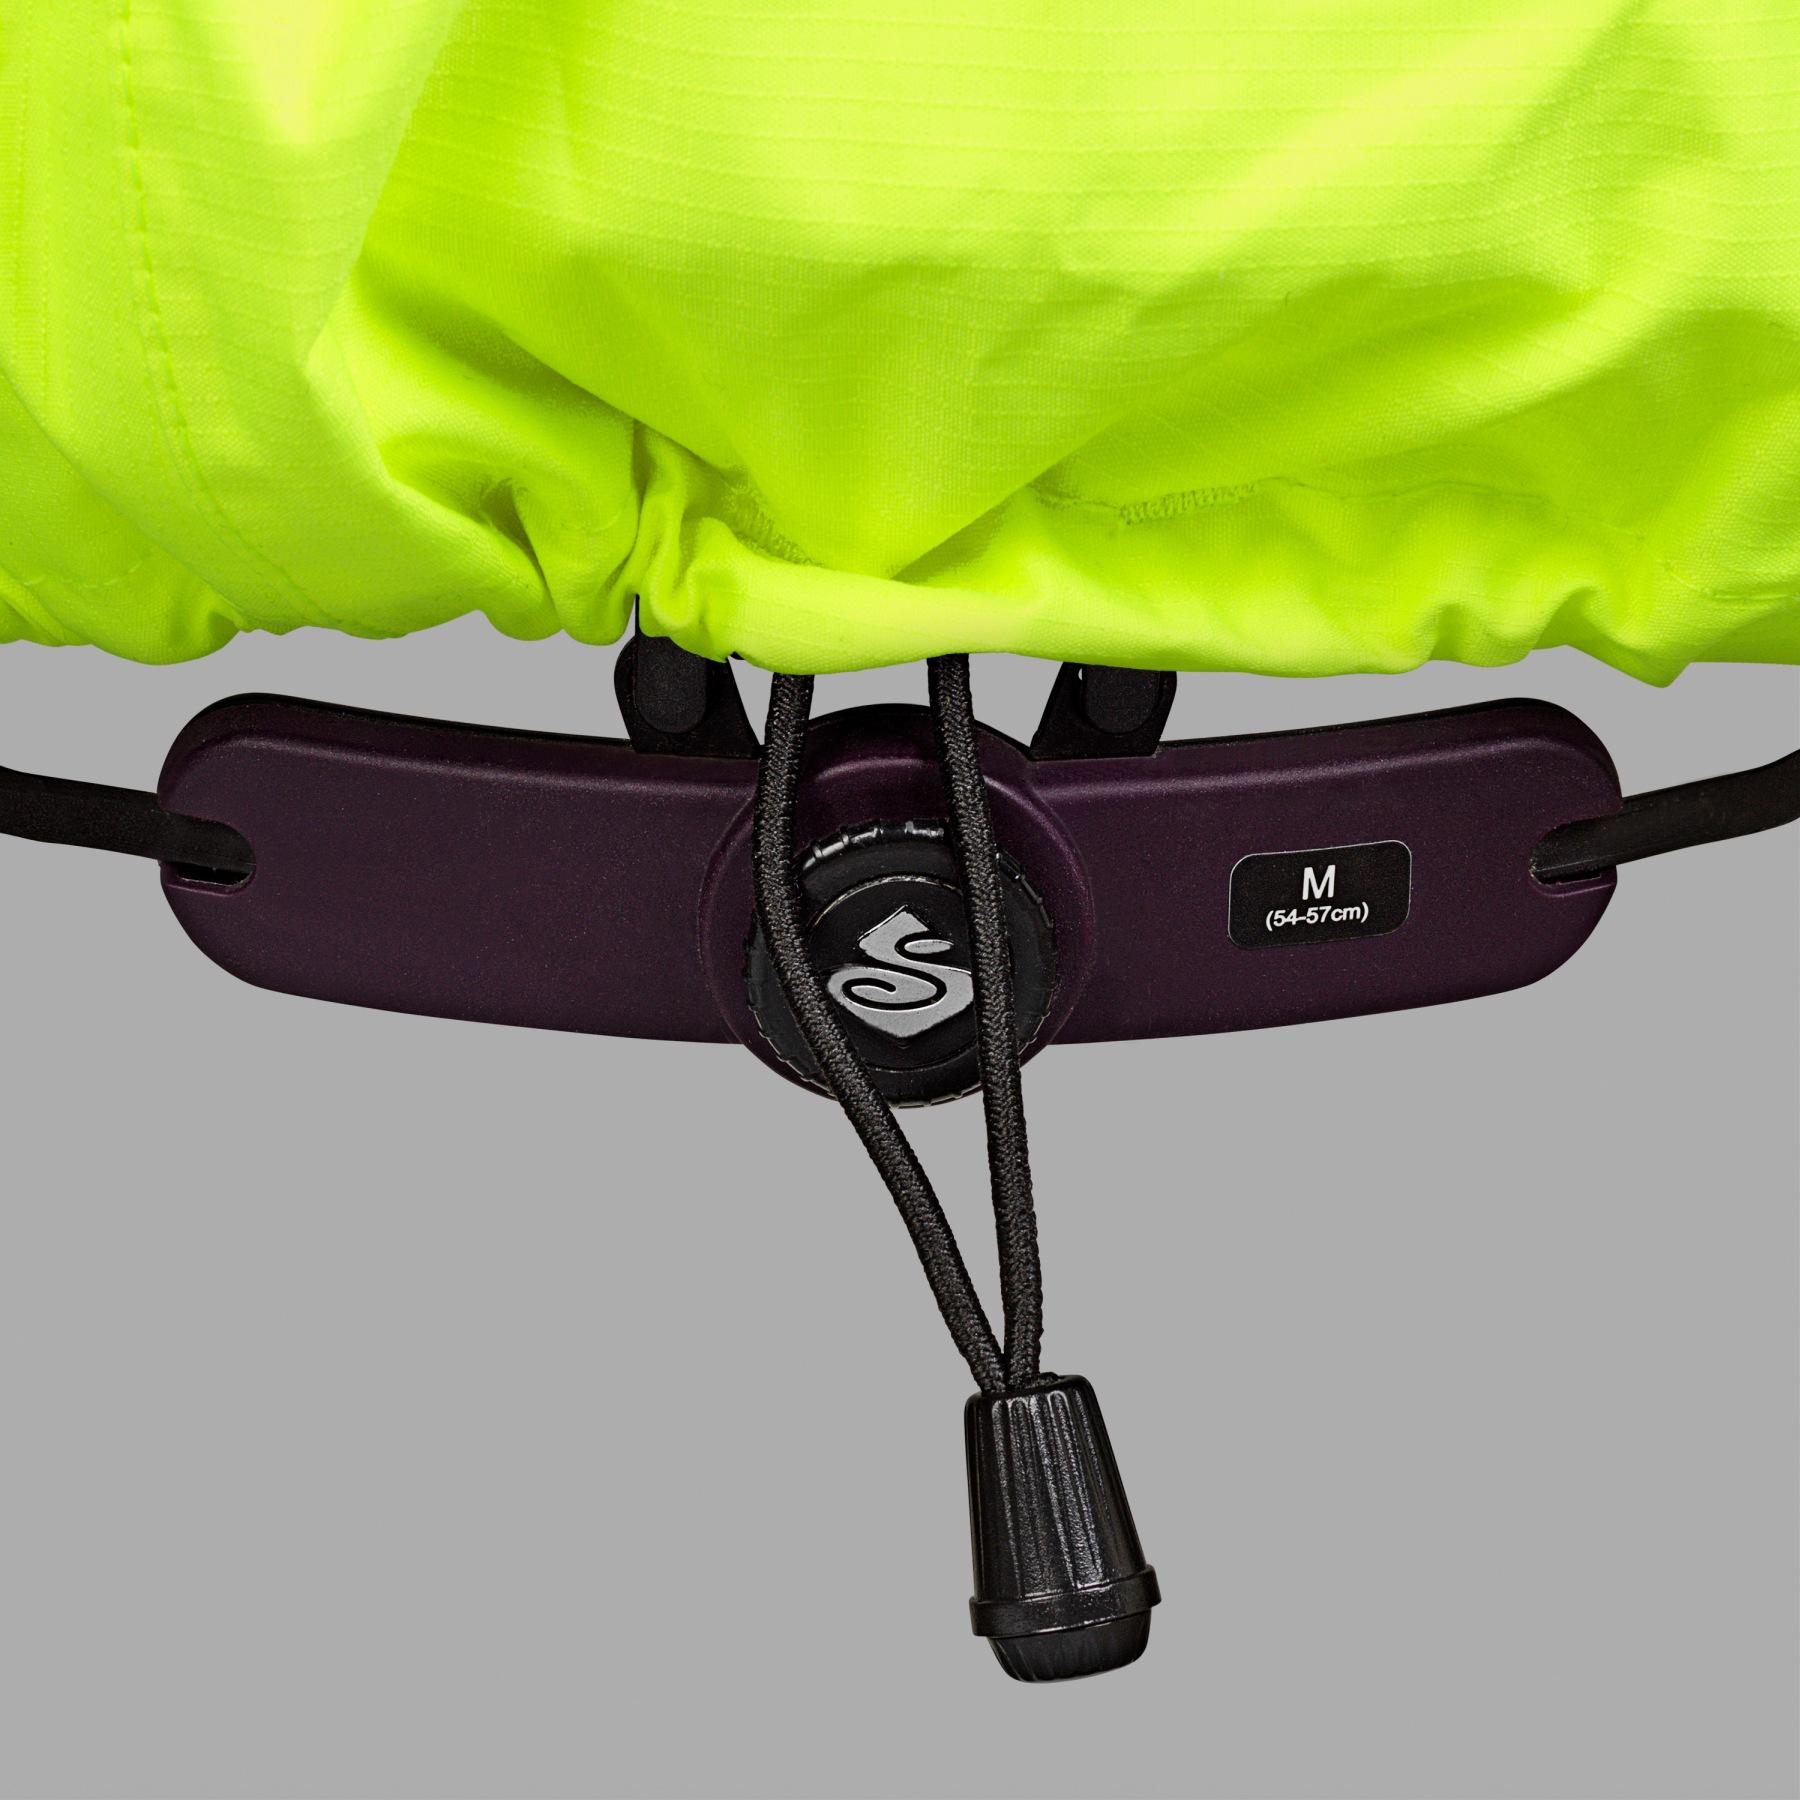 Image of GripGrab Waterproof Hi-Vis Helmet Cover - Yellow Hi-Vis